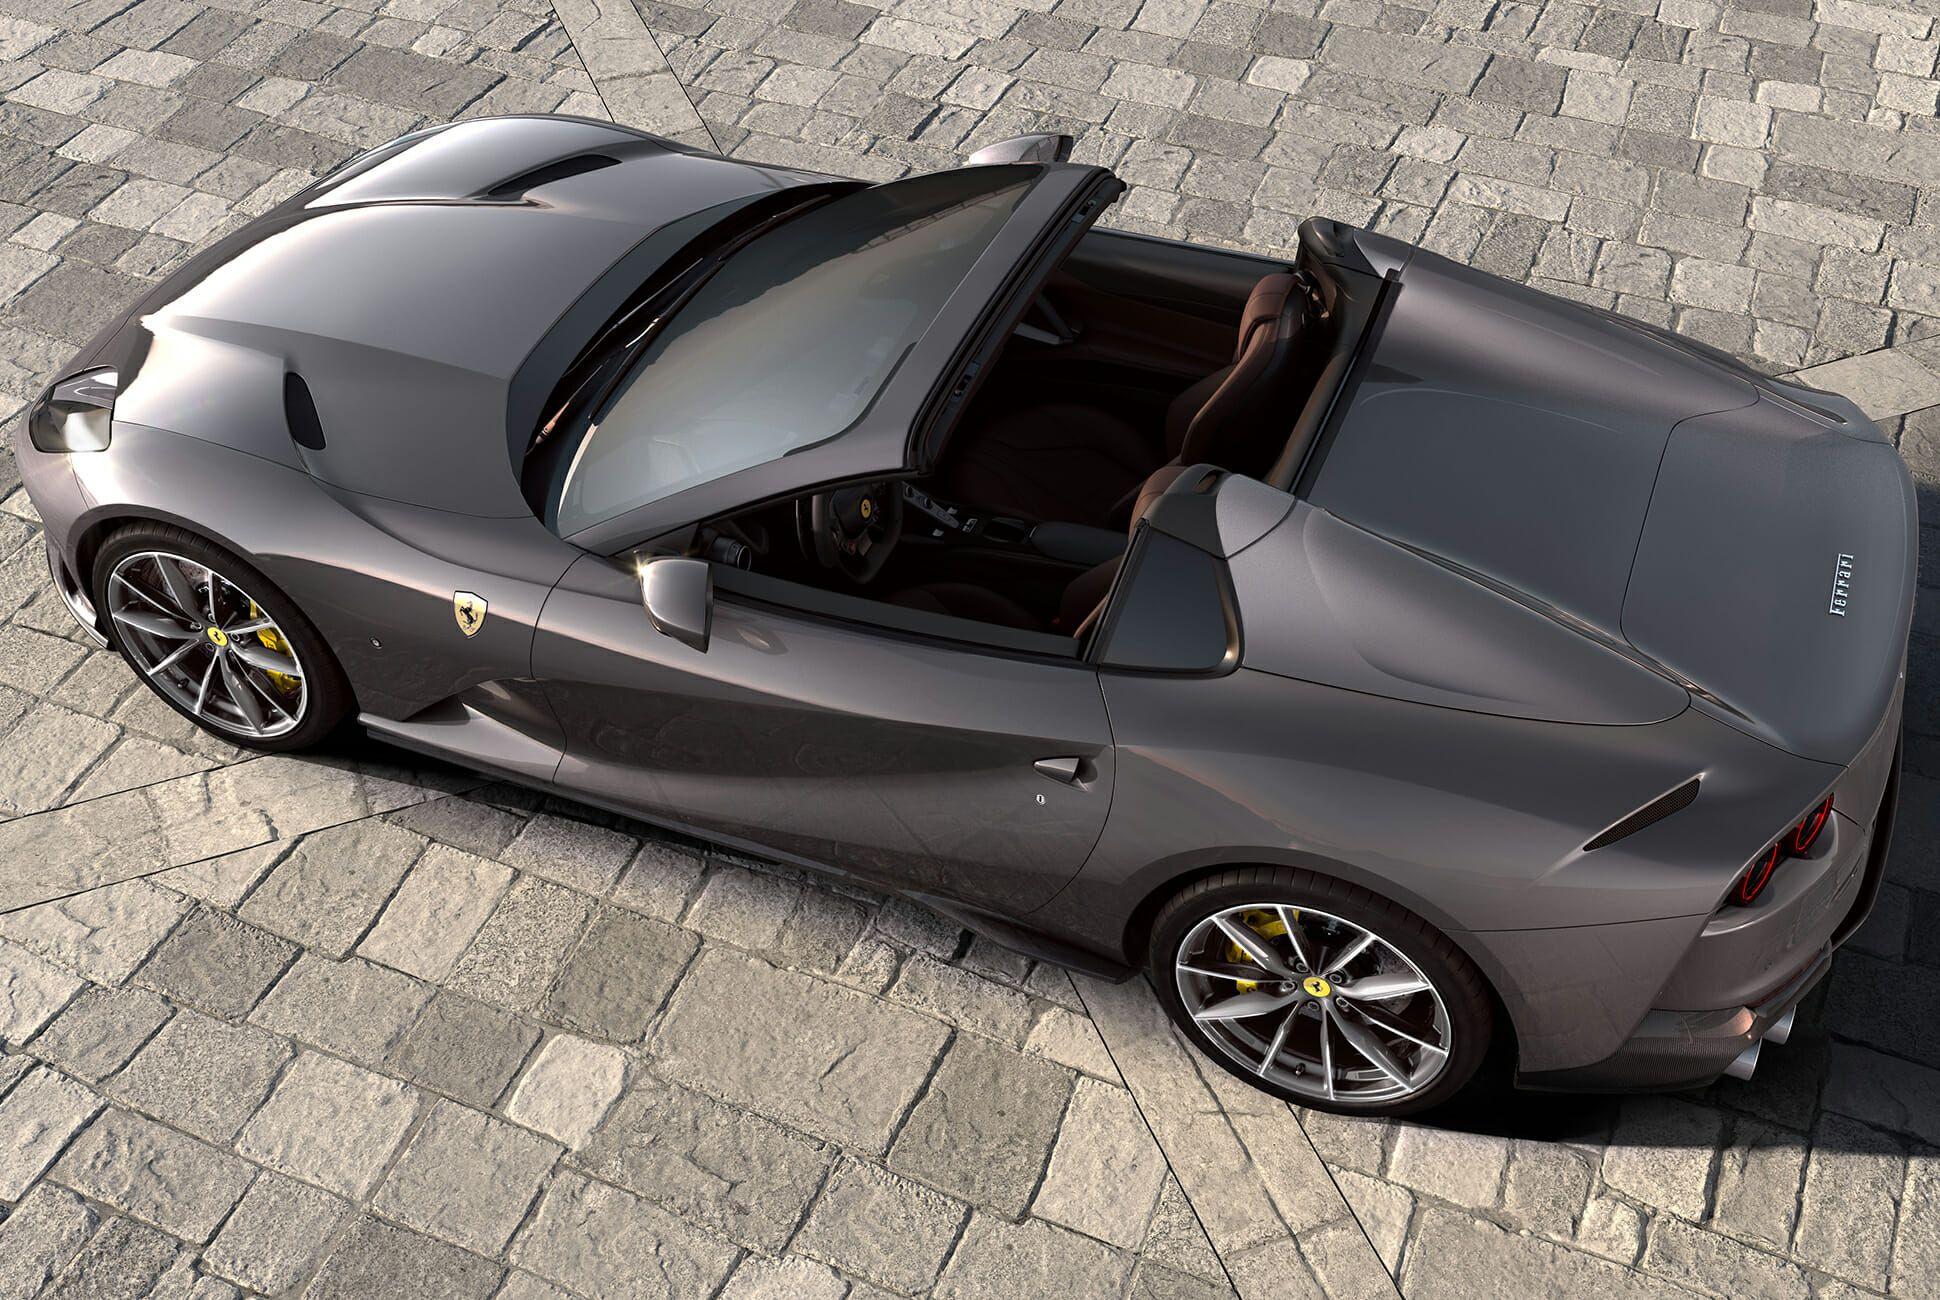 Ferrari-GTS-gear-patrol-slide-04